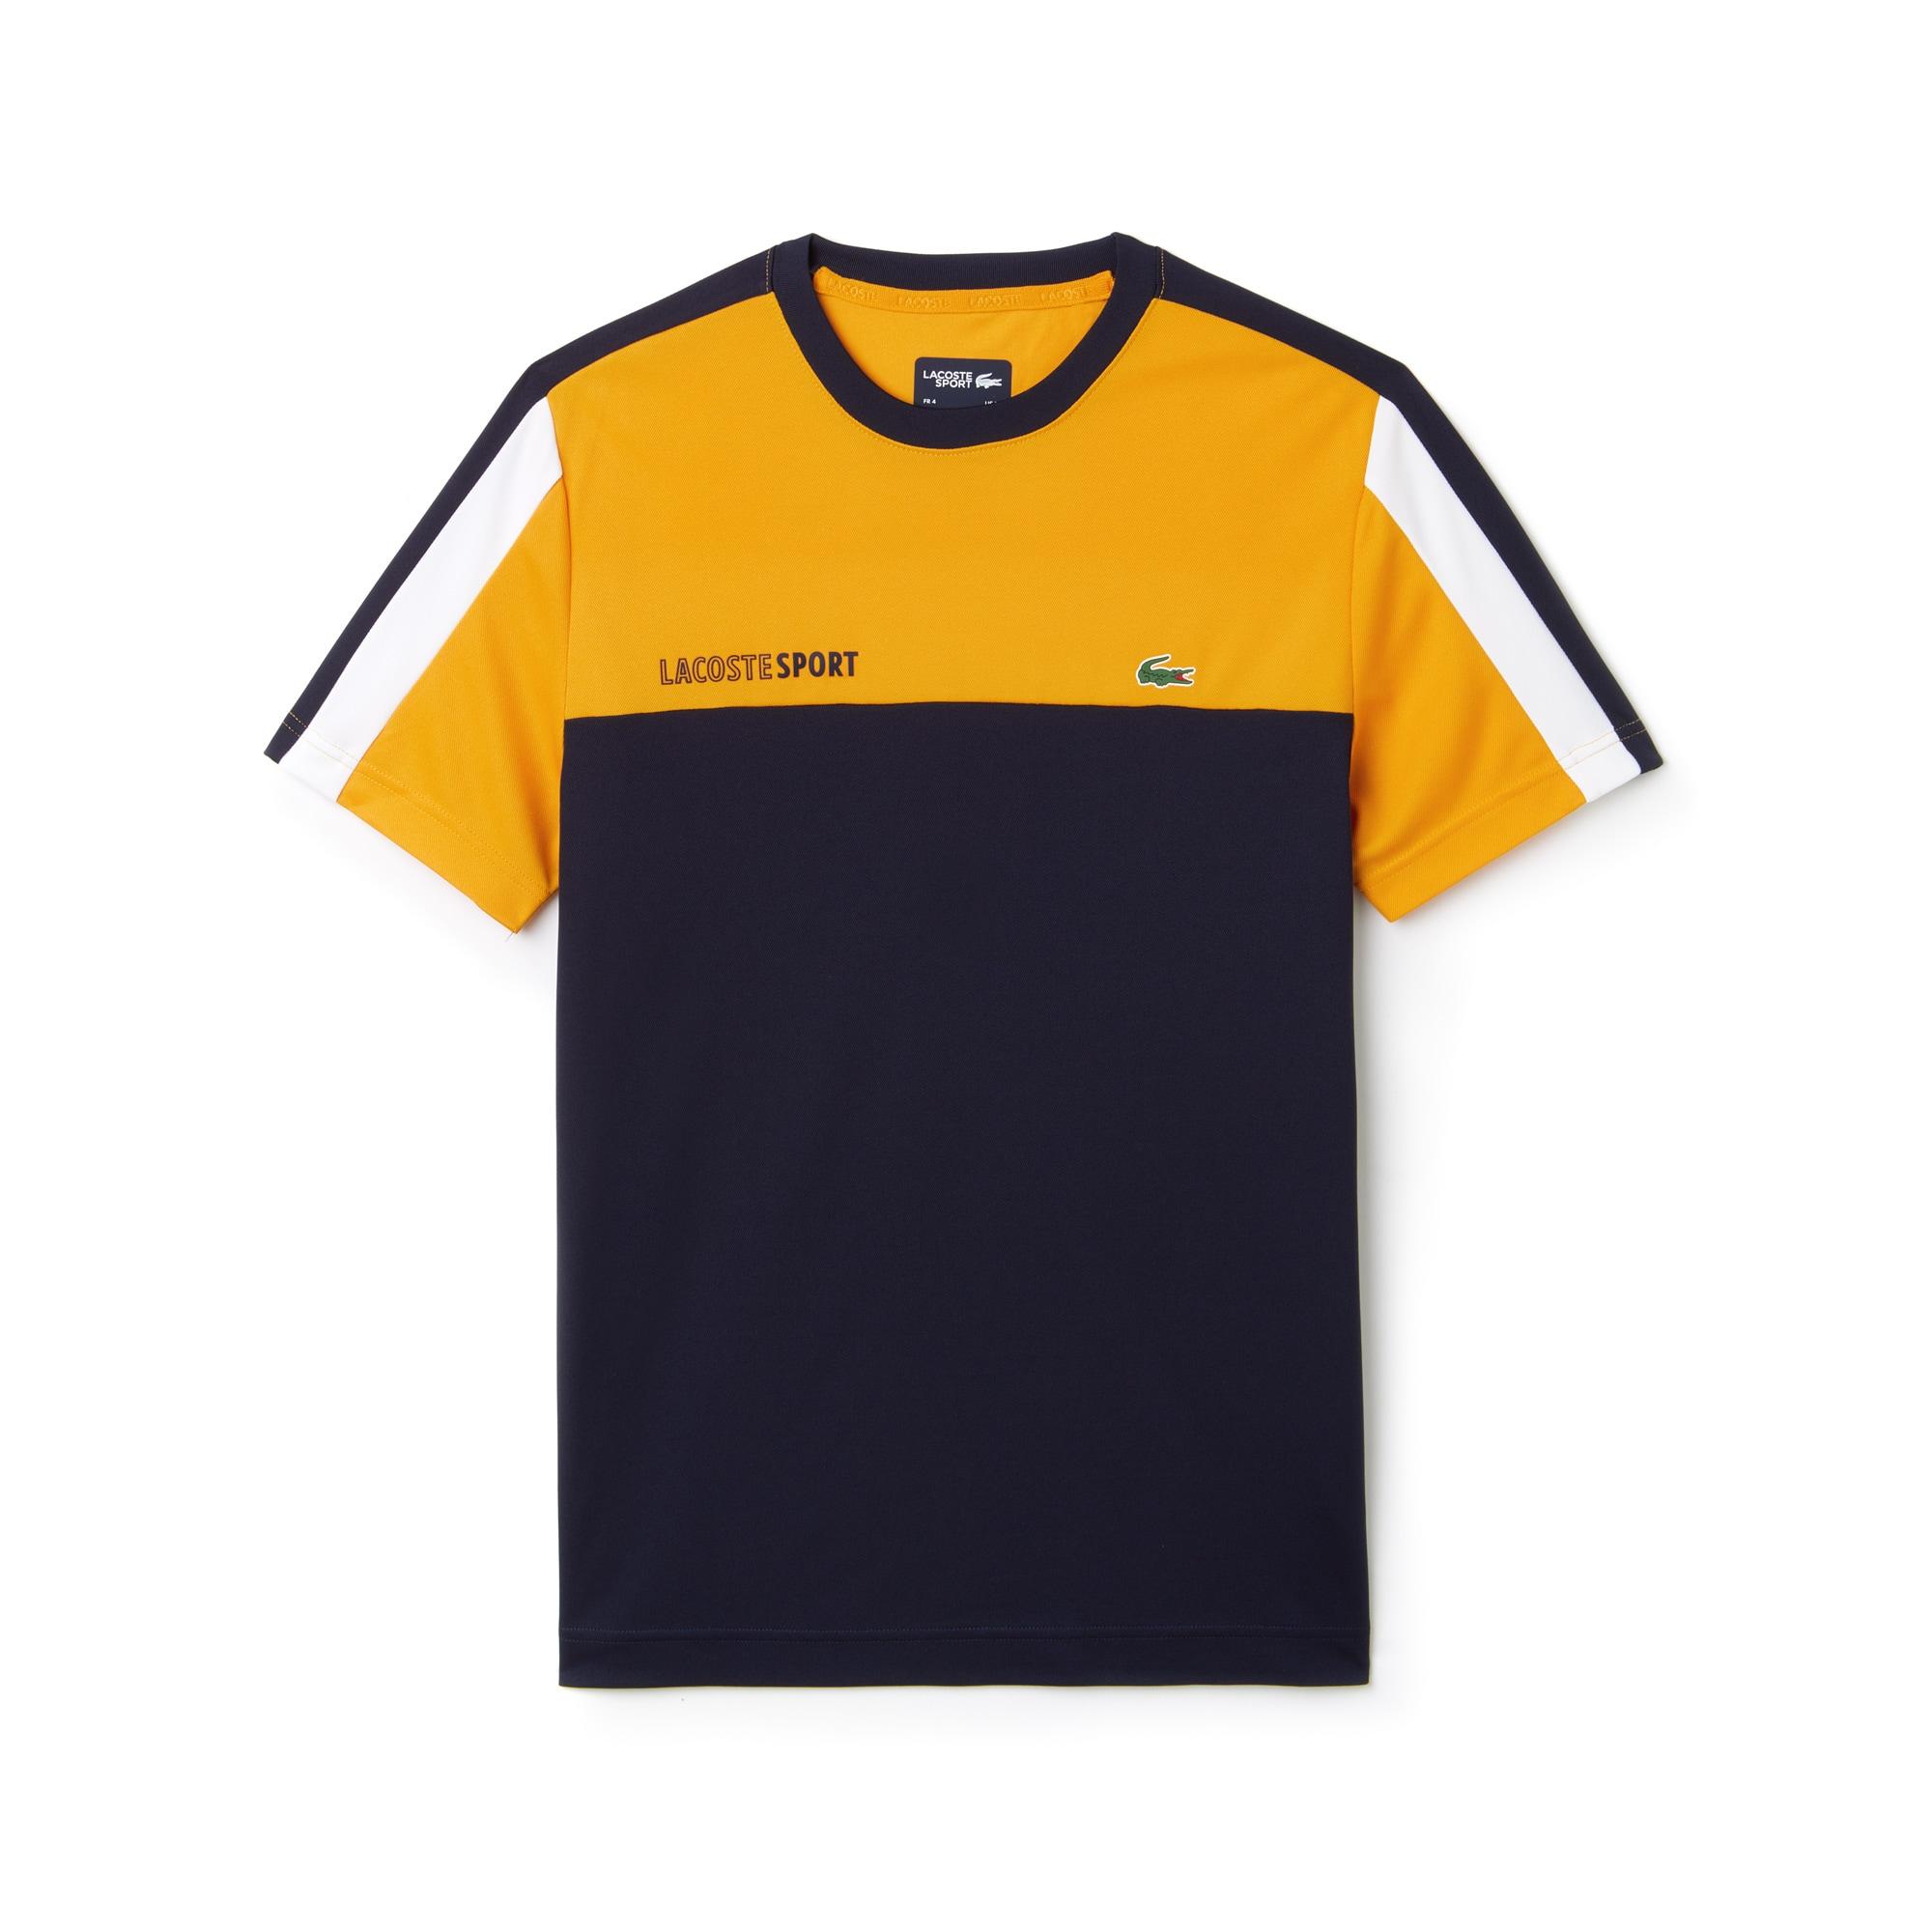 T-shirt col rond Tennis Lacoste SPORT en piqué technique color block